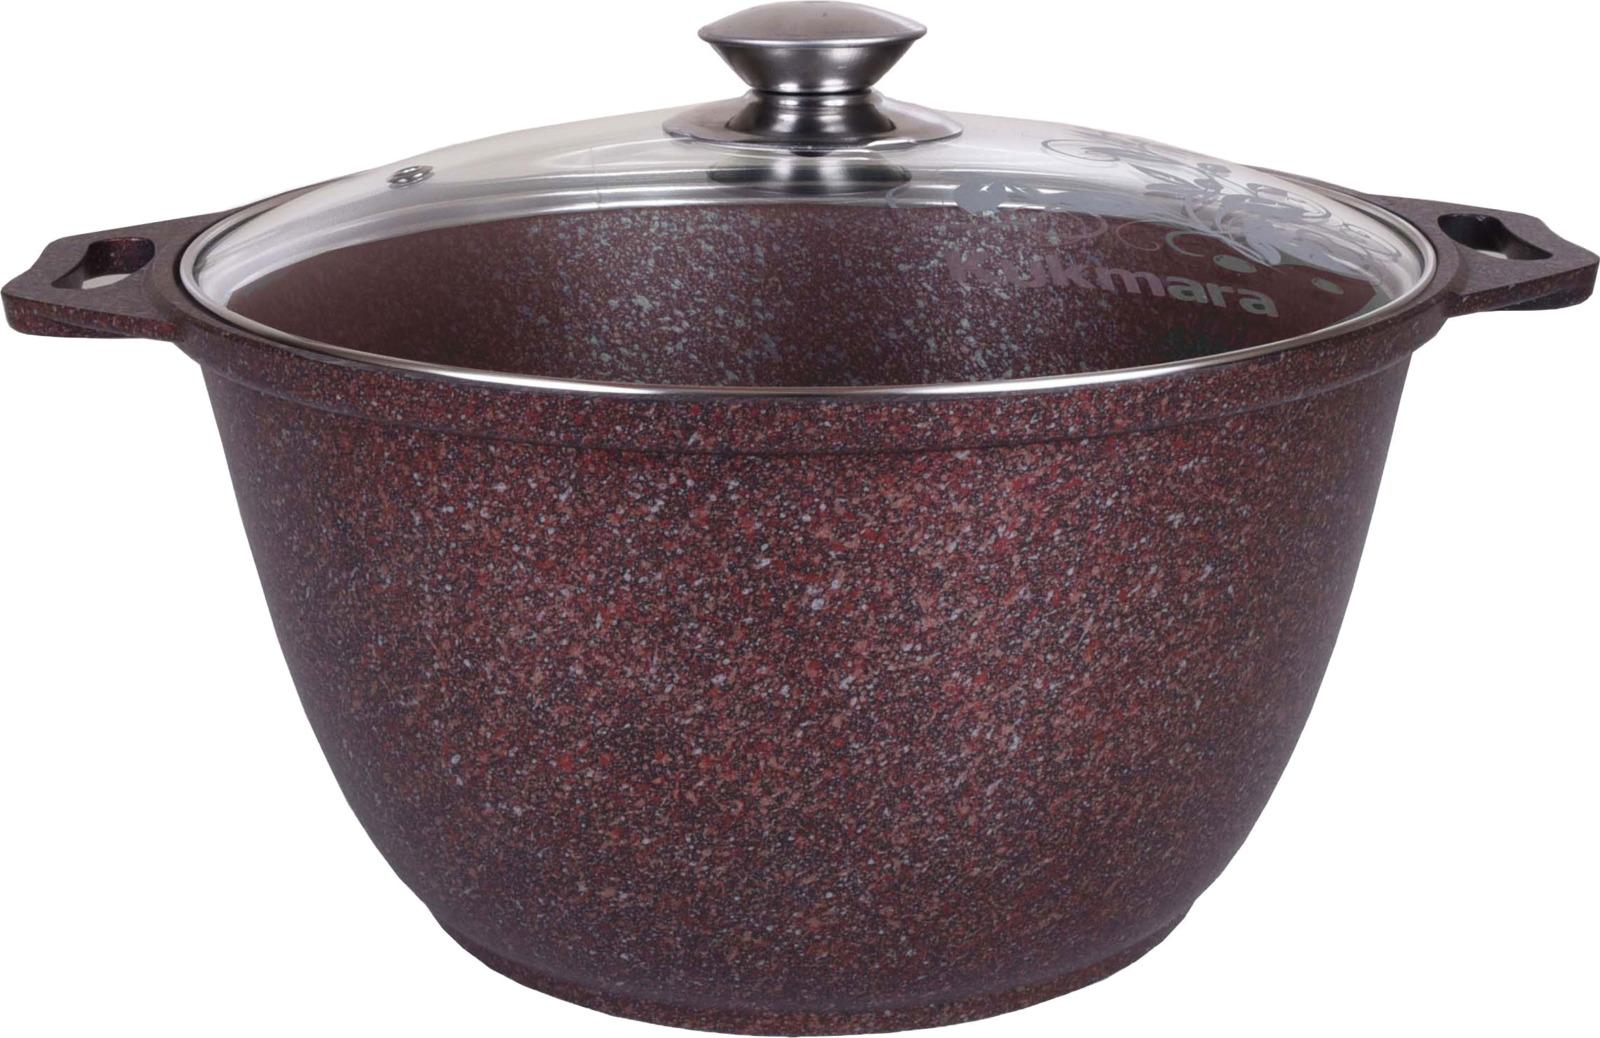 Кастрюля Kukmara Granit ultra, с мраморным антипригарным покрытием, с крышкой, цвет: коричнево-красный, 4 л кастрюля kukmara с крышкой с антипригарным покрытием цвет темный мрамор 3 л